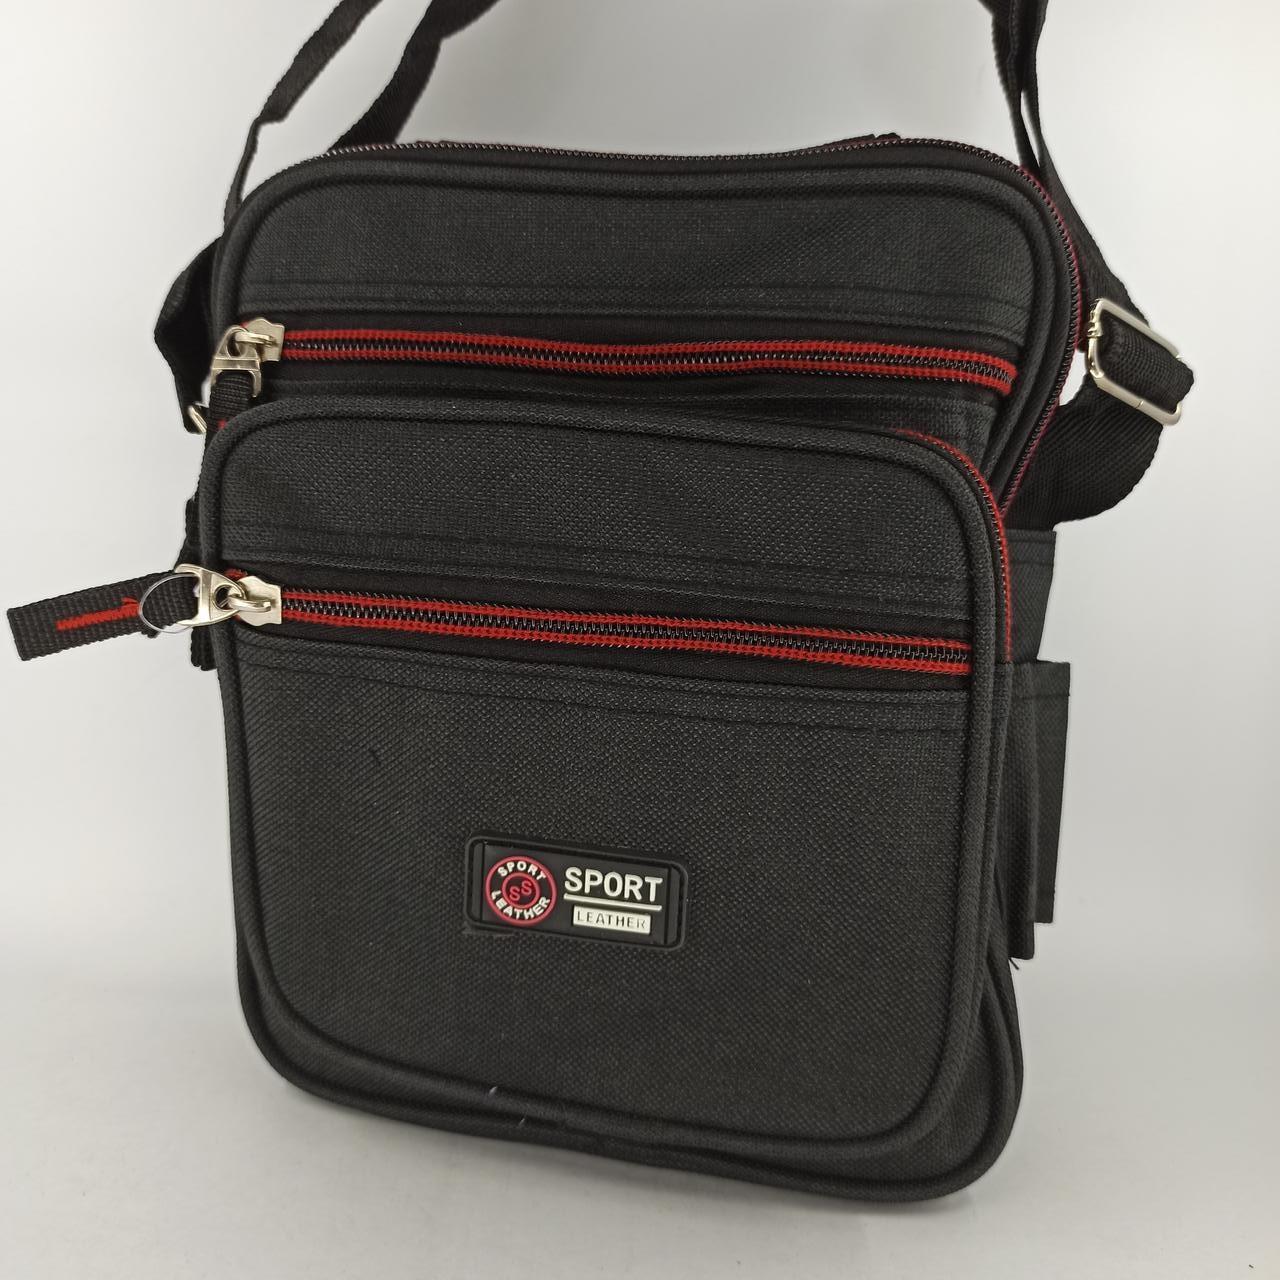 Мужская спортивная сумка через плечо K18613